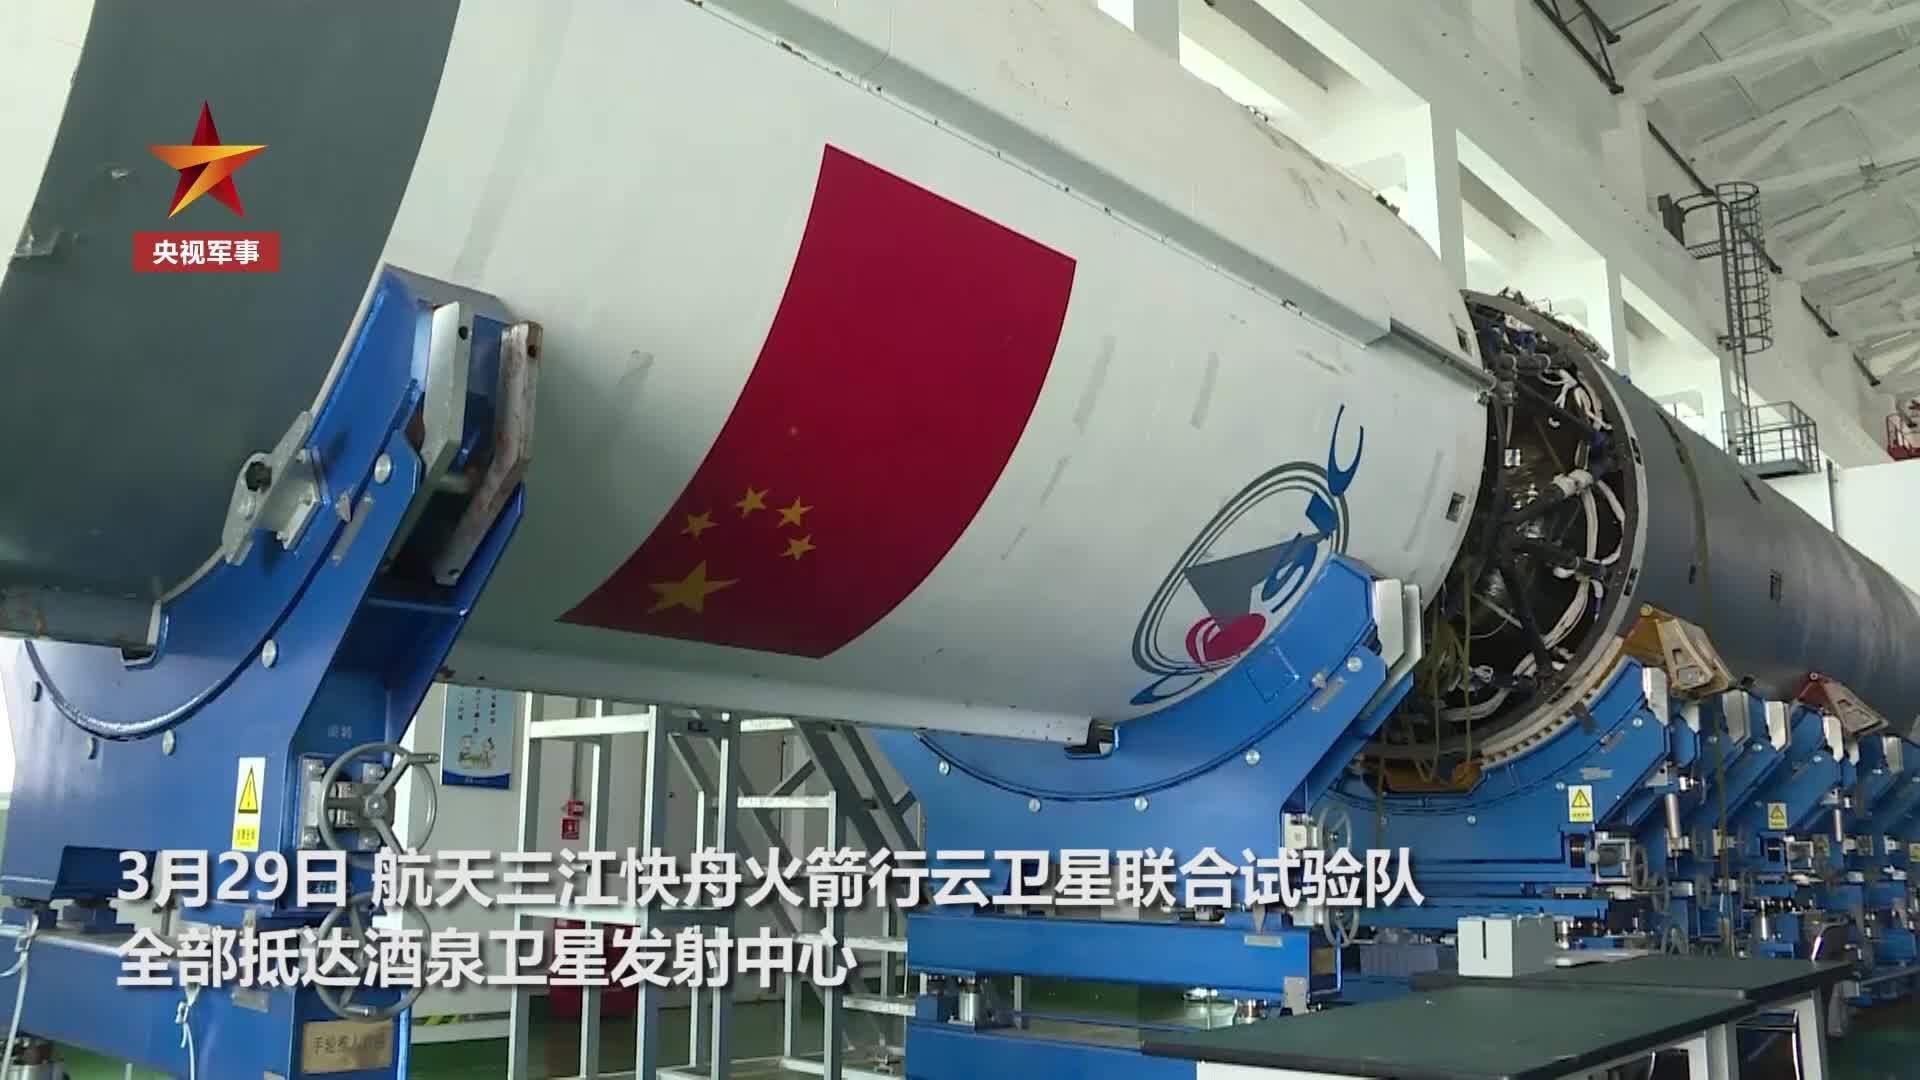 加油!武汉号卫星4月上太空